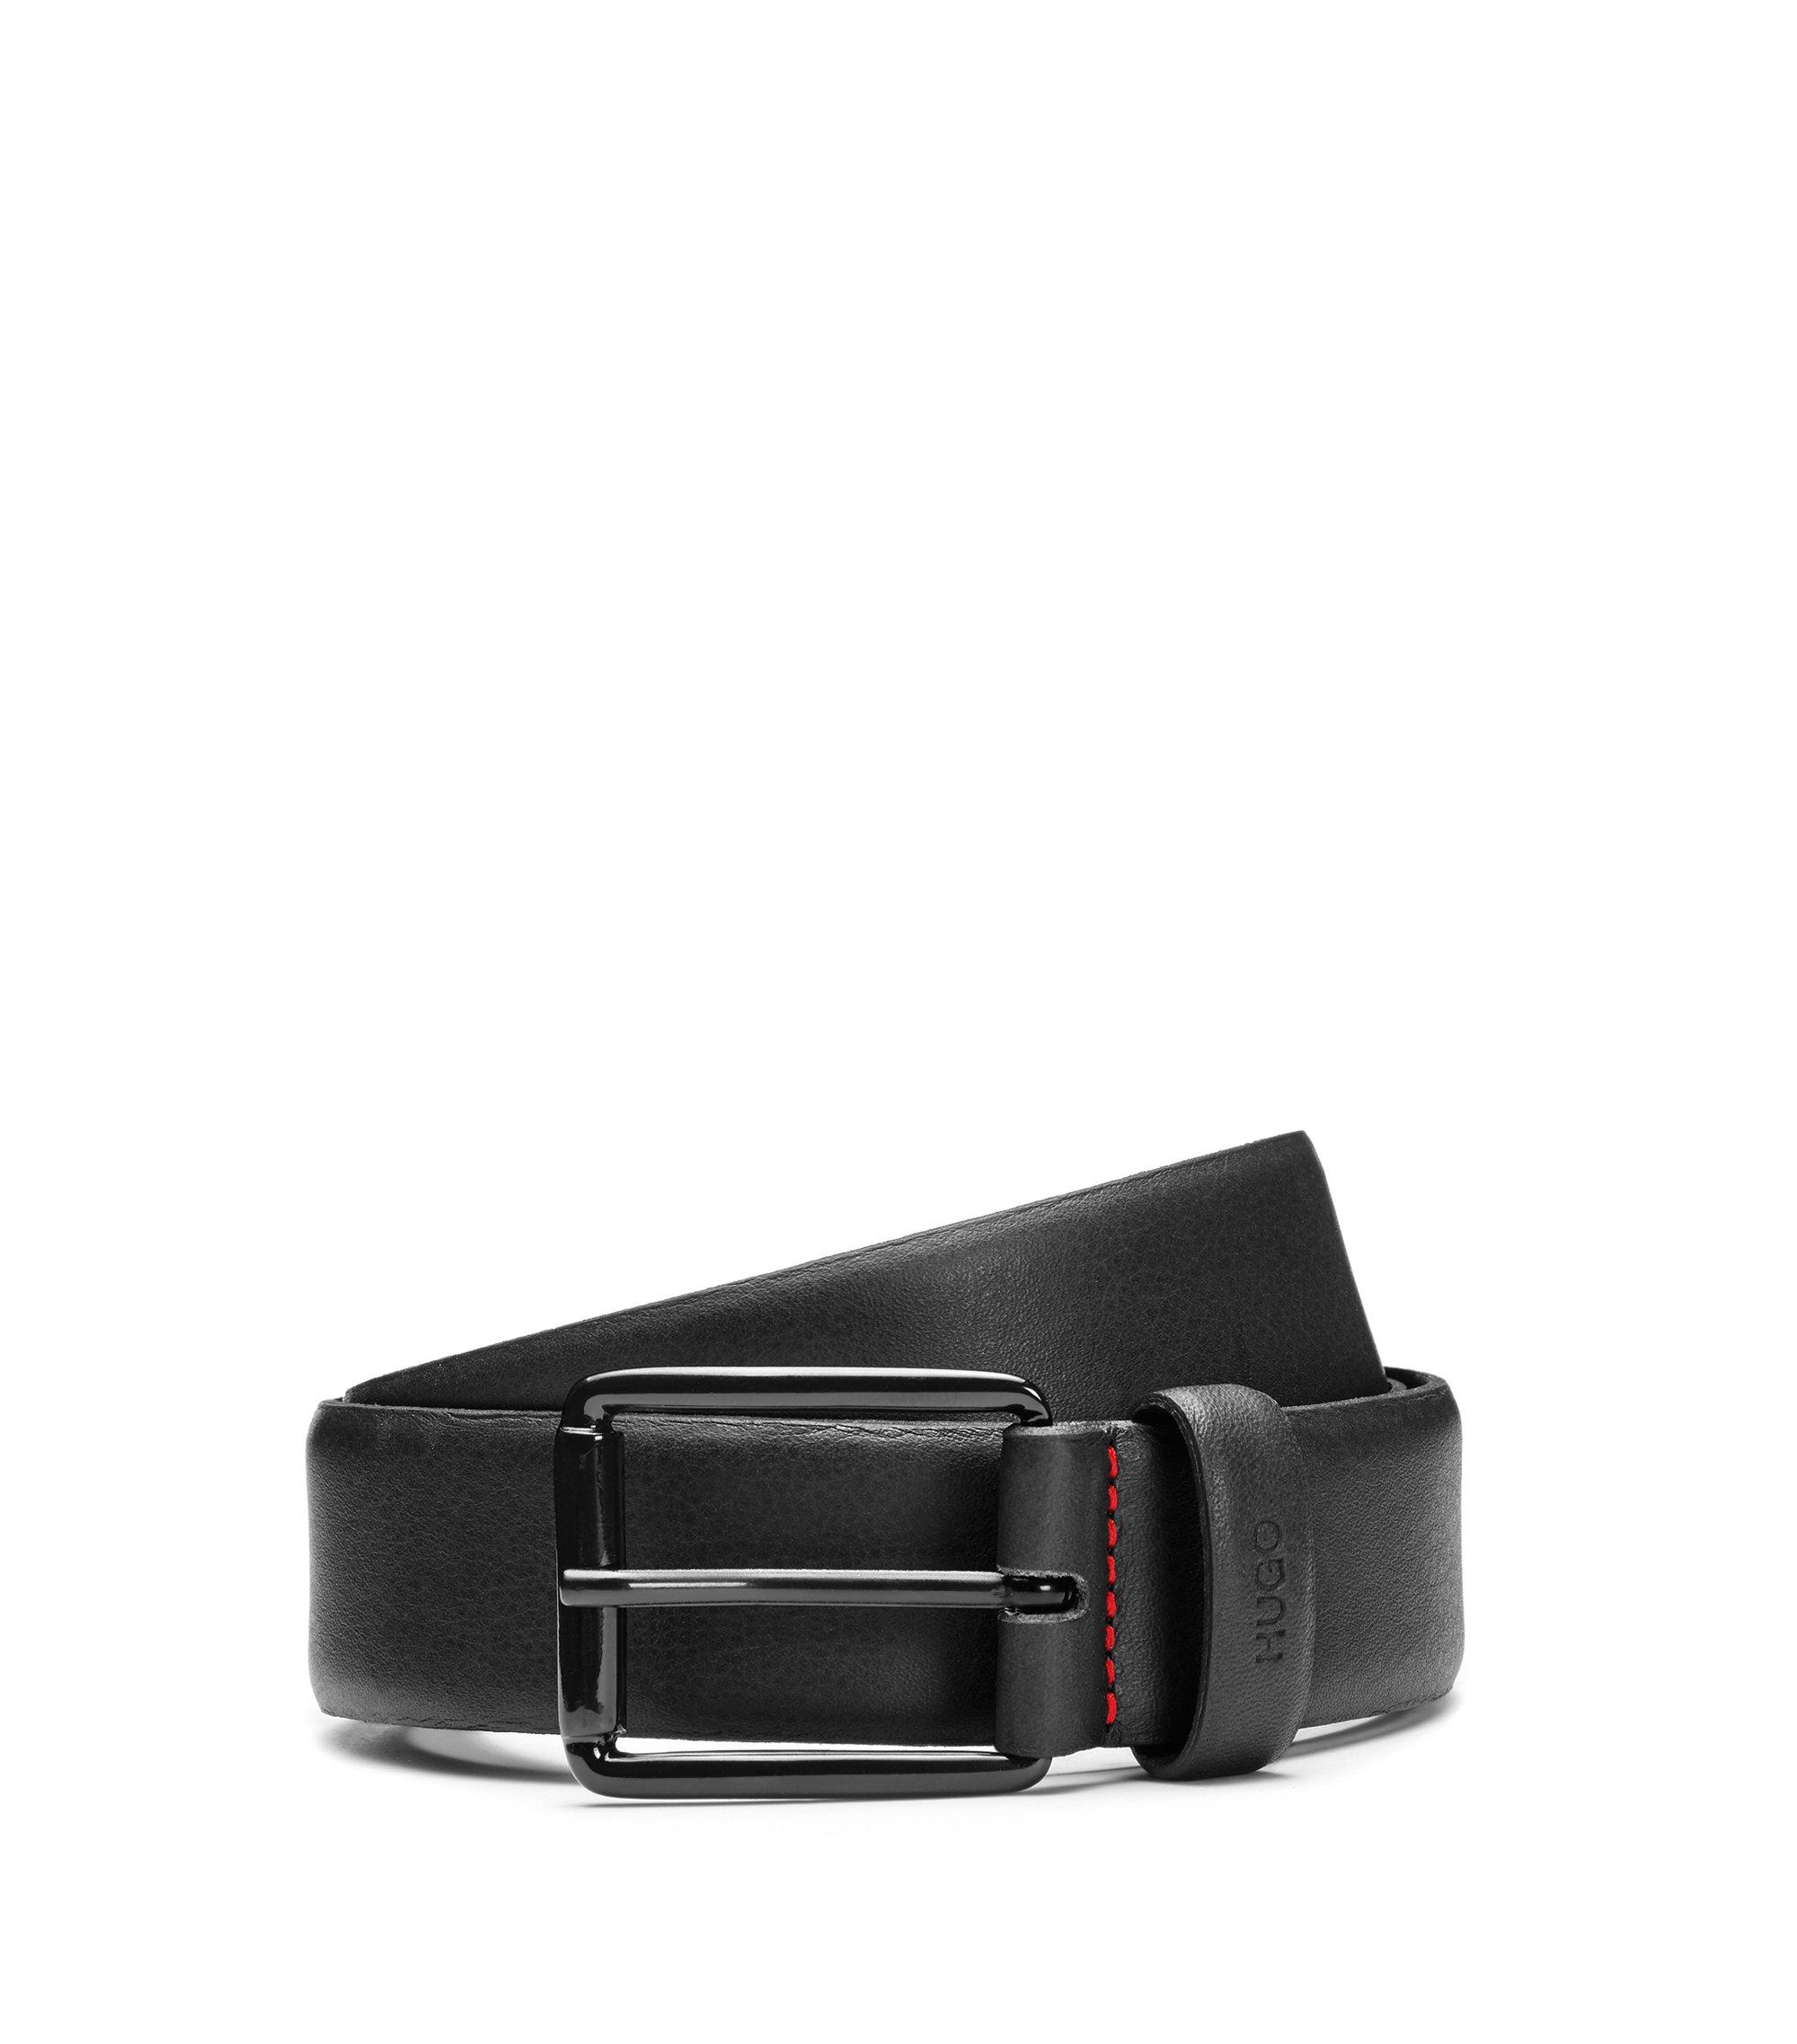 Leather belt with black varnished buckle, Black